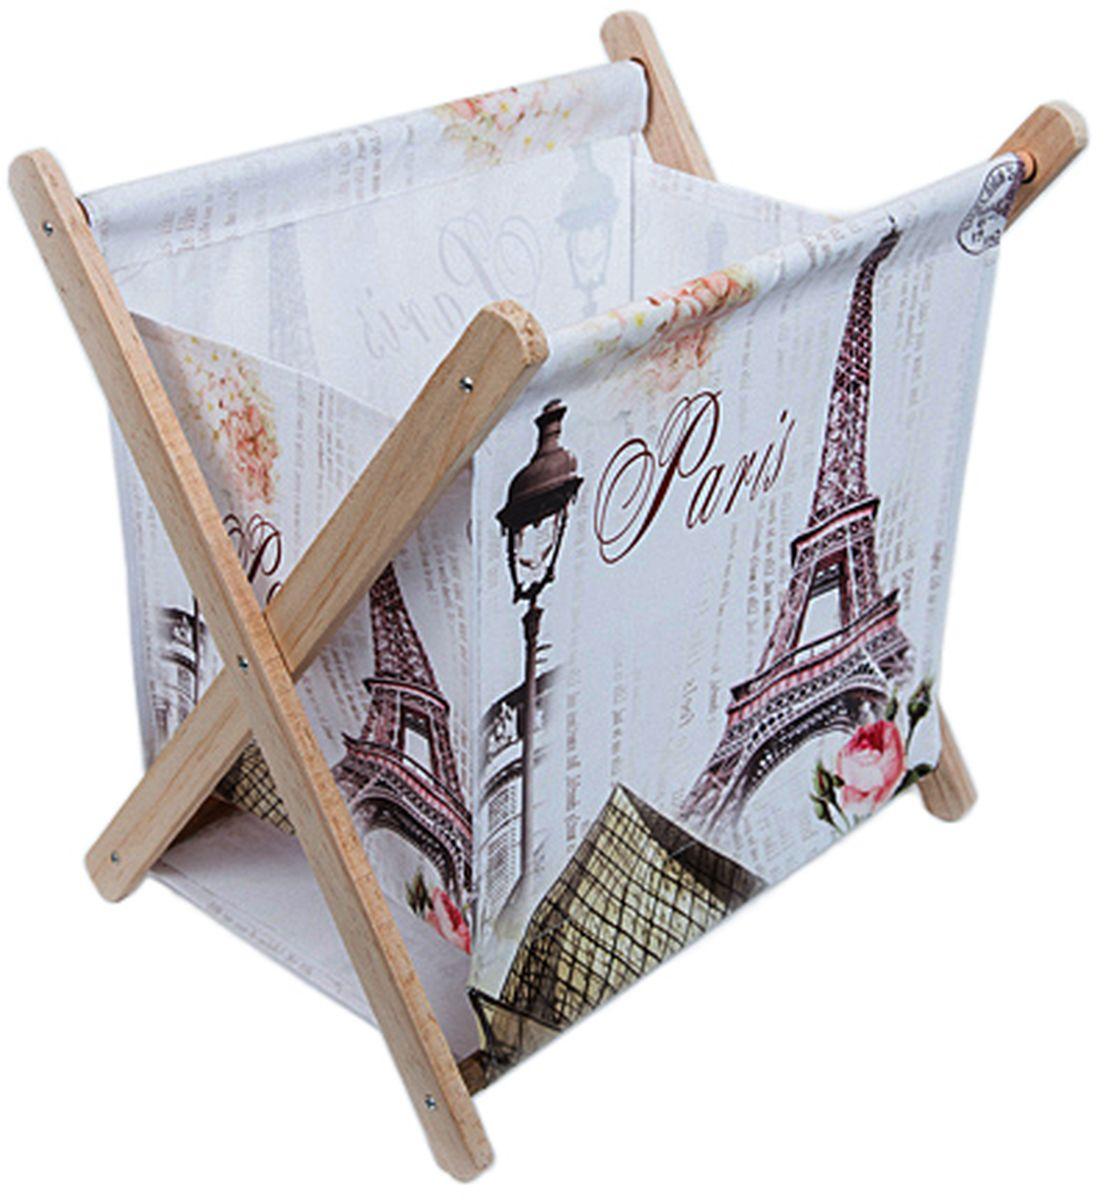 Складная газетница из дерева и ткани